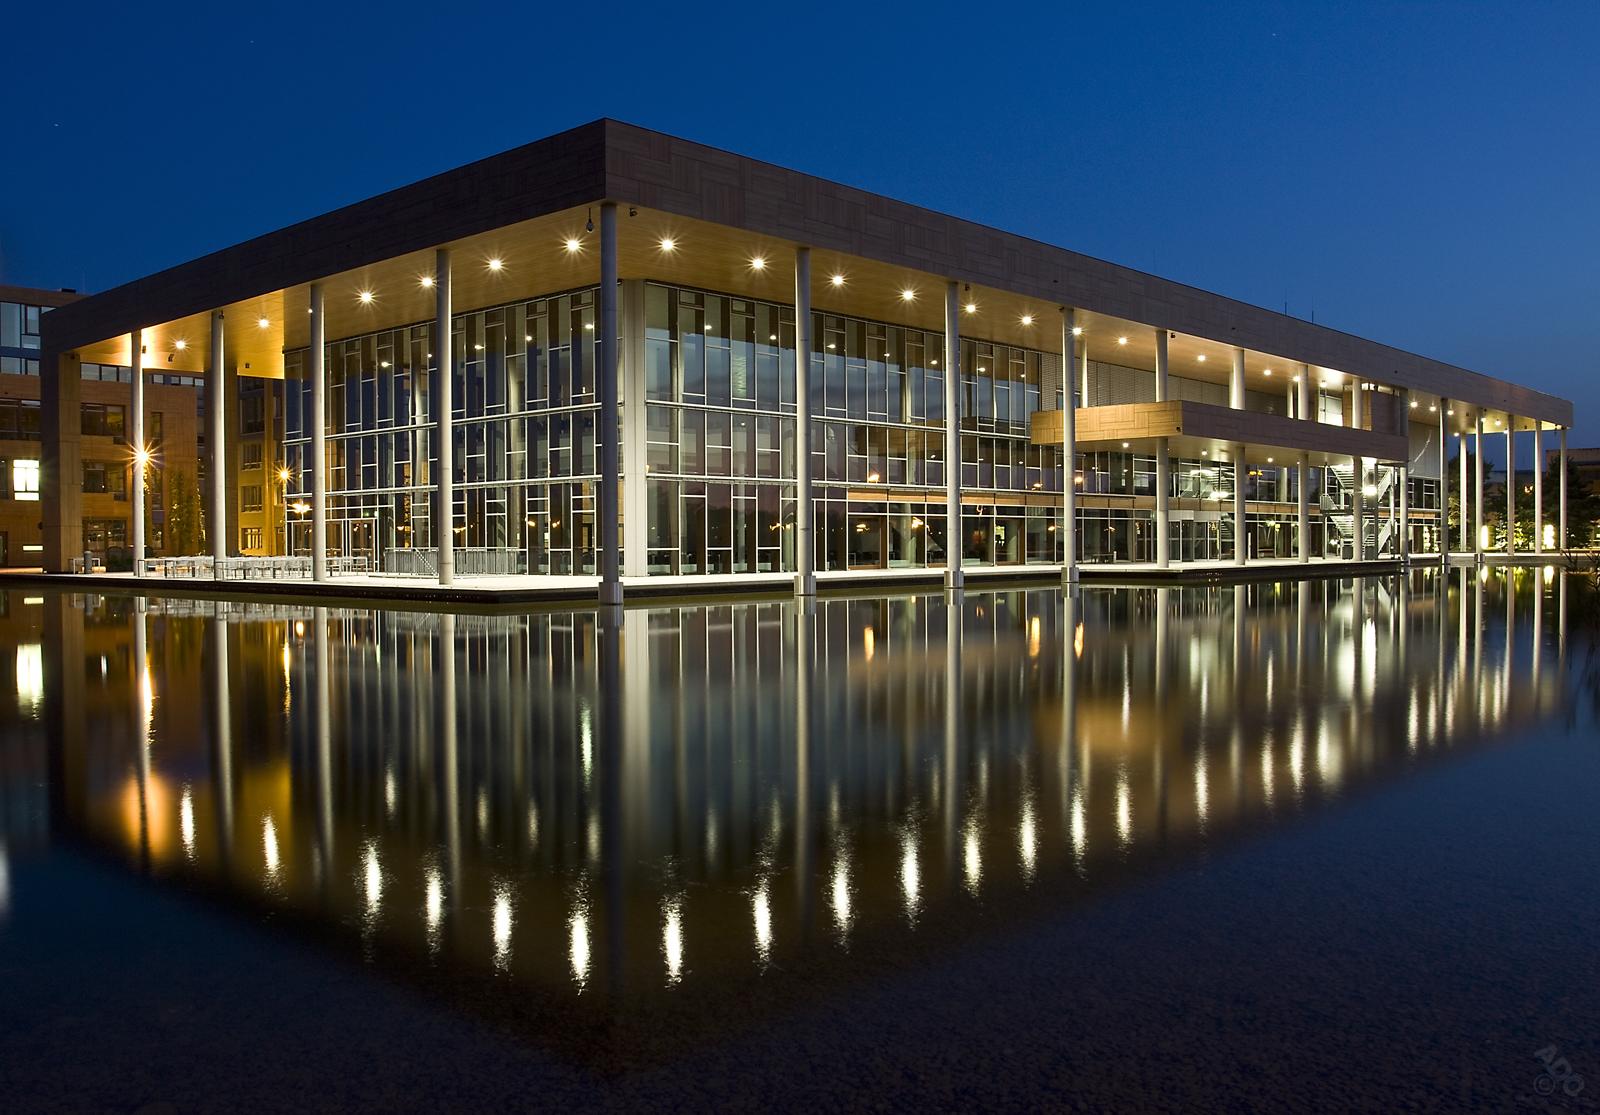 Beleuchtung München hintergrundbilder beleuchtung nacht die architektur